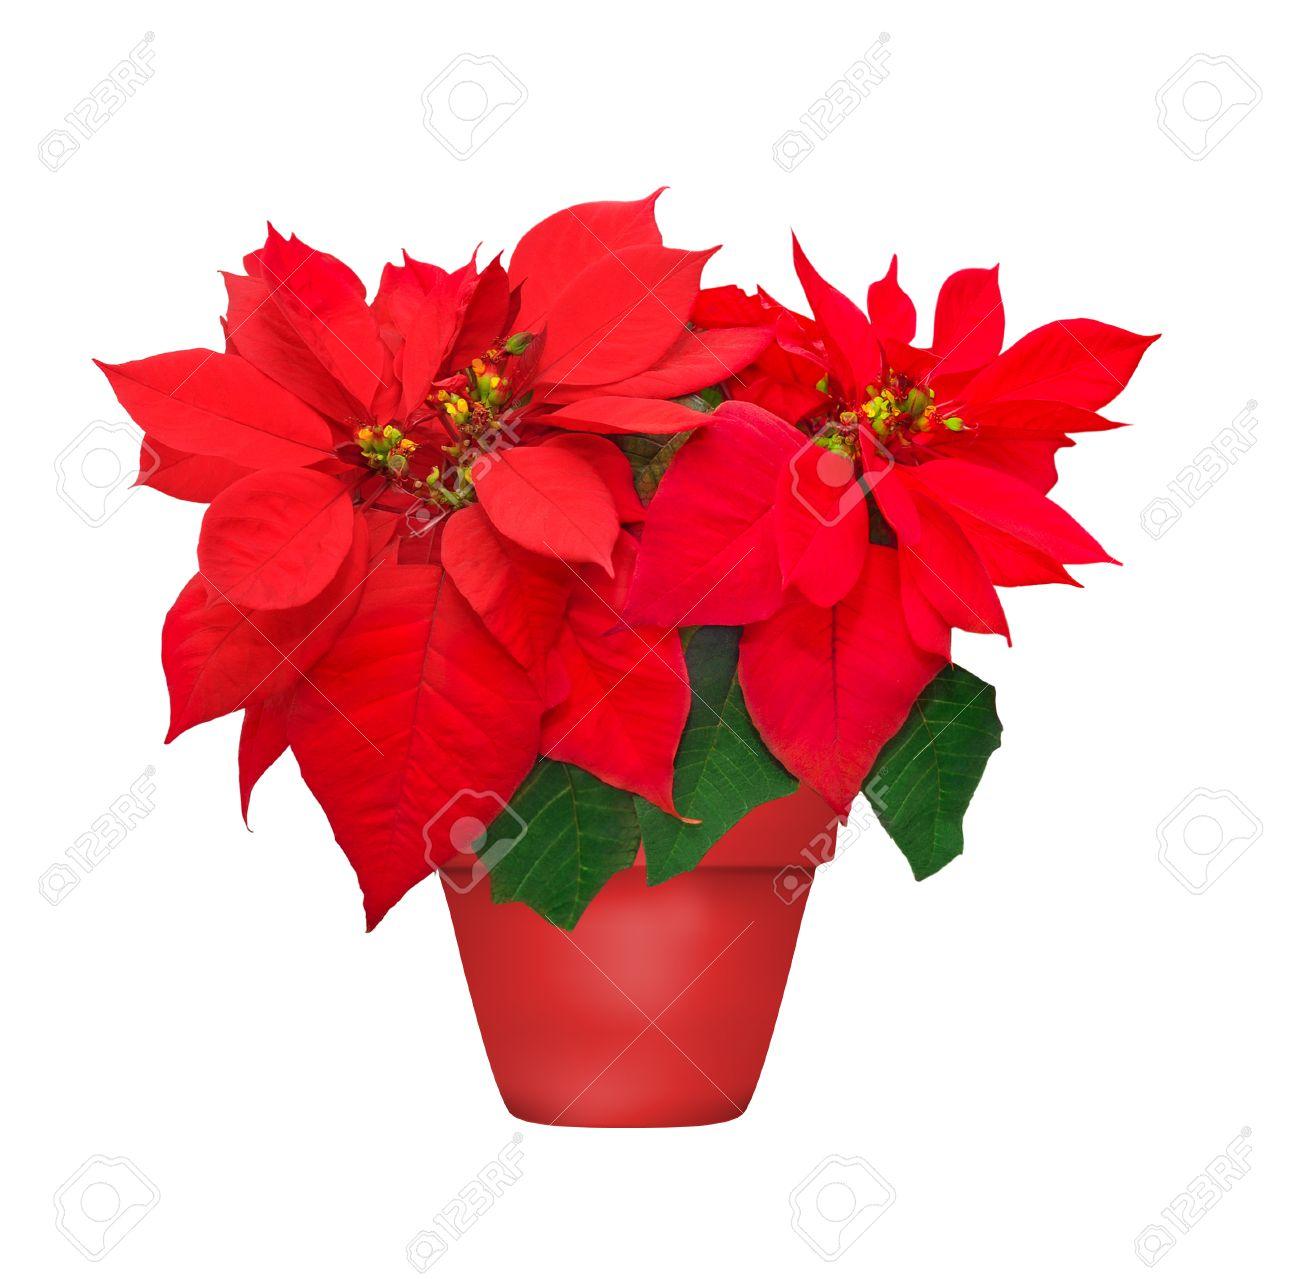 Magnifique poinsettia en pot de fleurs. fleur de Noël rouge sur fond blanc